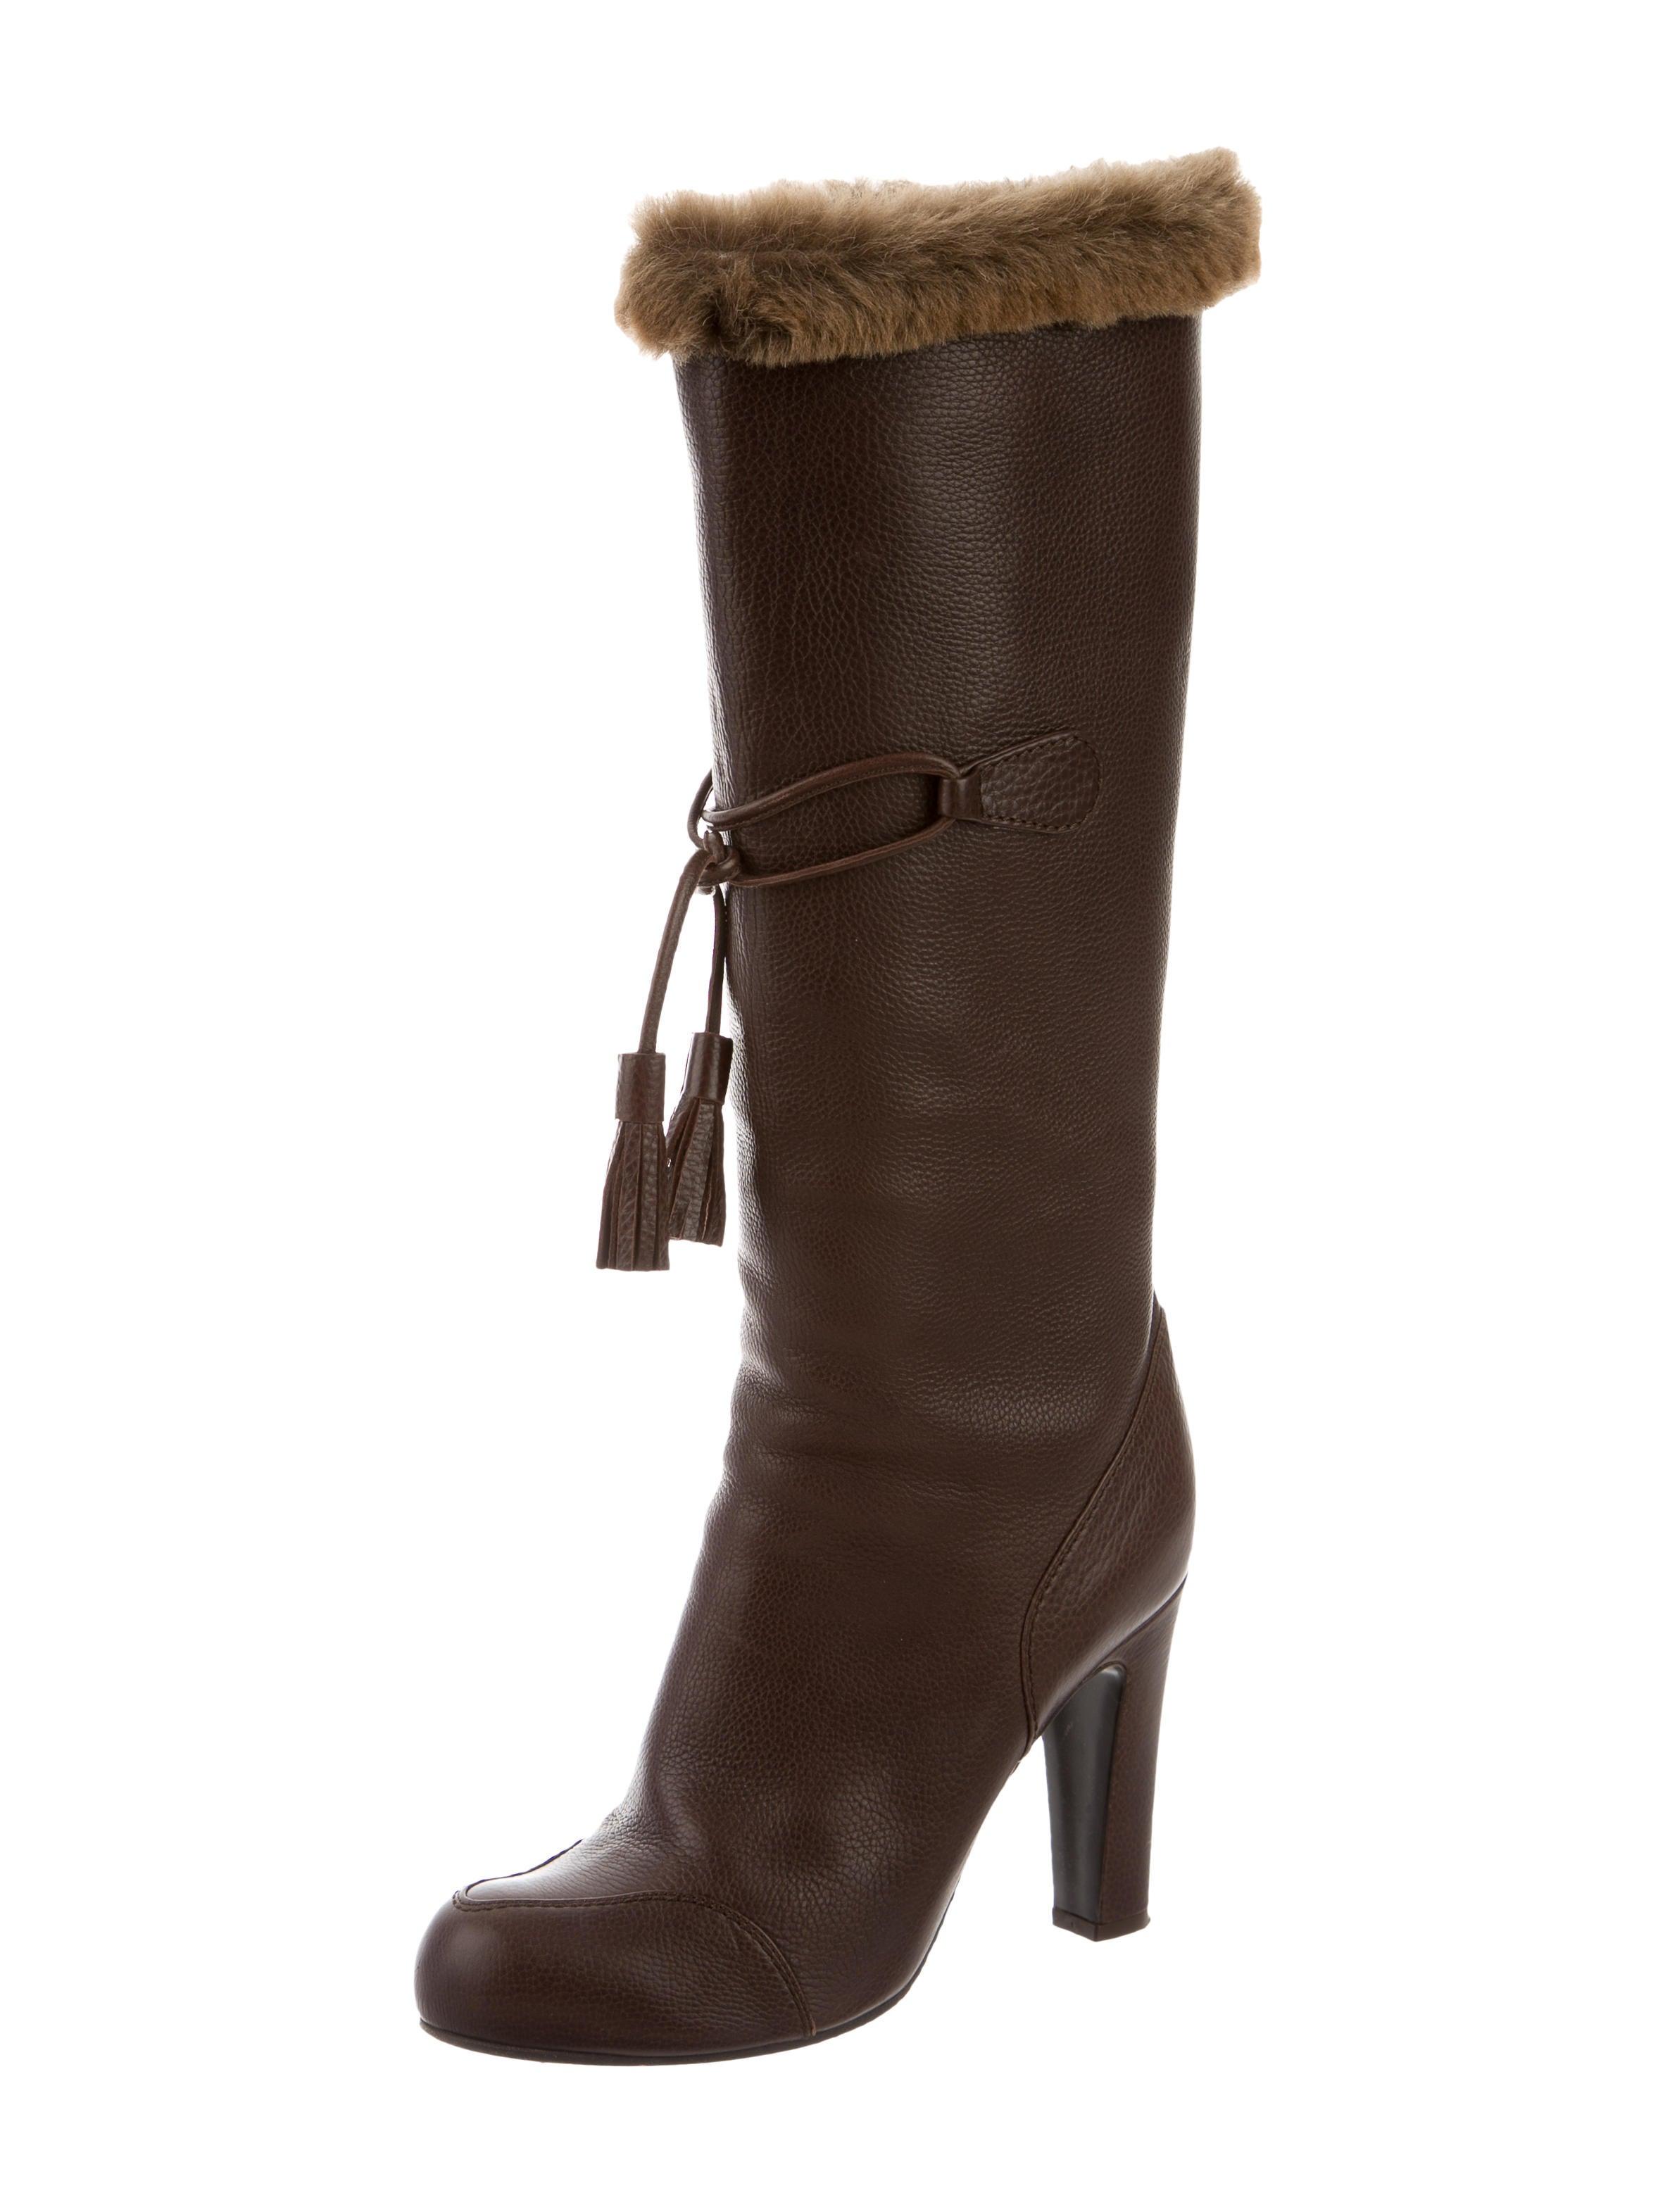 viktor rolf leather fur trimmed boots shoes vik20974 the realreal. Black Bedroom Furniture Sets. Home Design Ideas